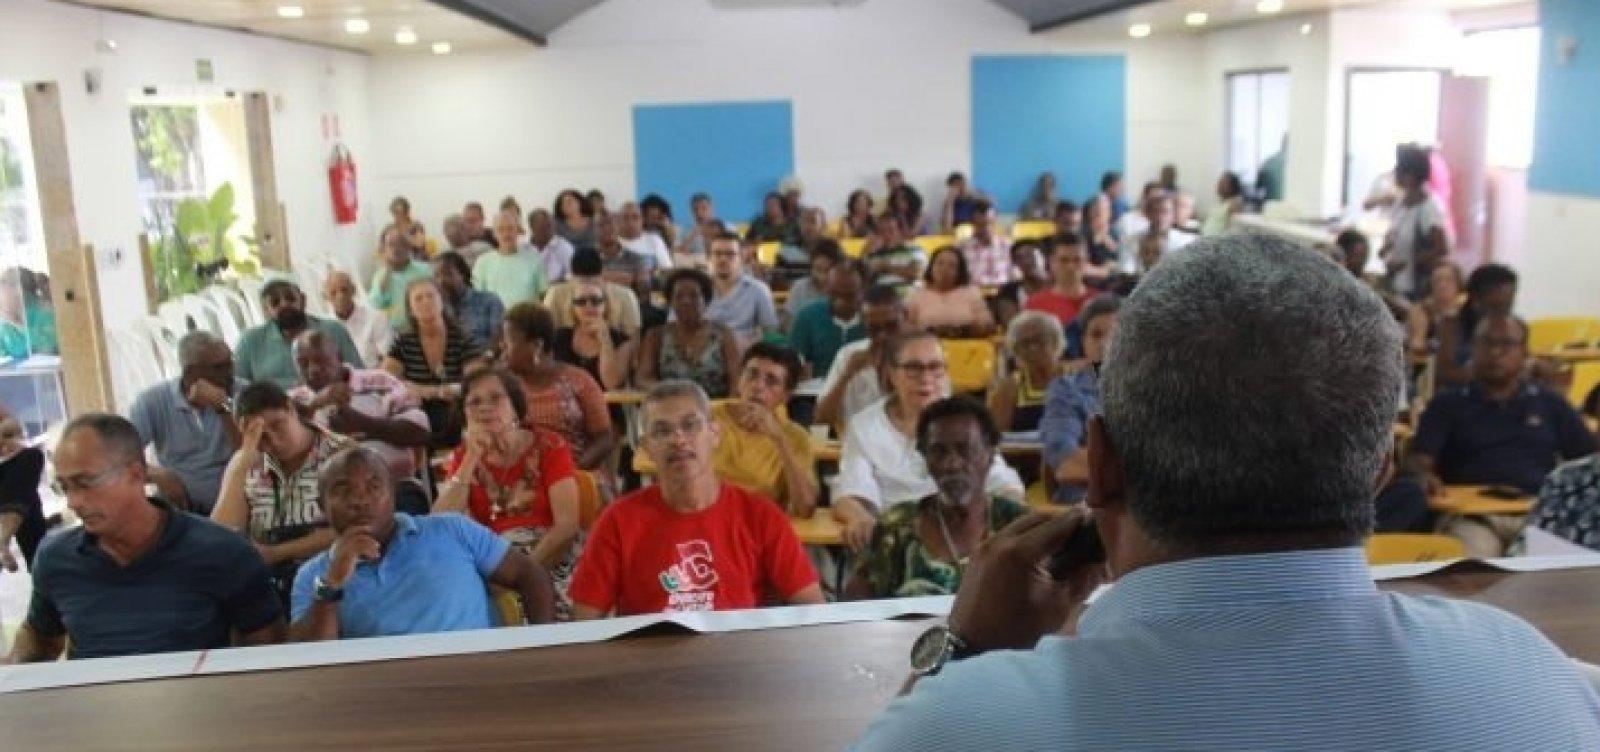 [Professores das redes pública e privada aderem à greve contra cortes e reforma da Previdência]